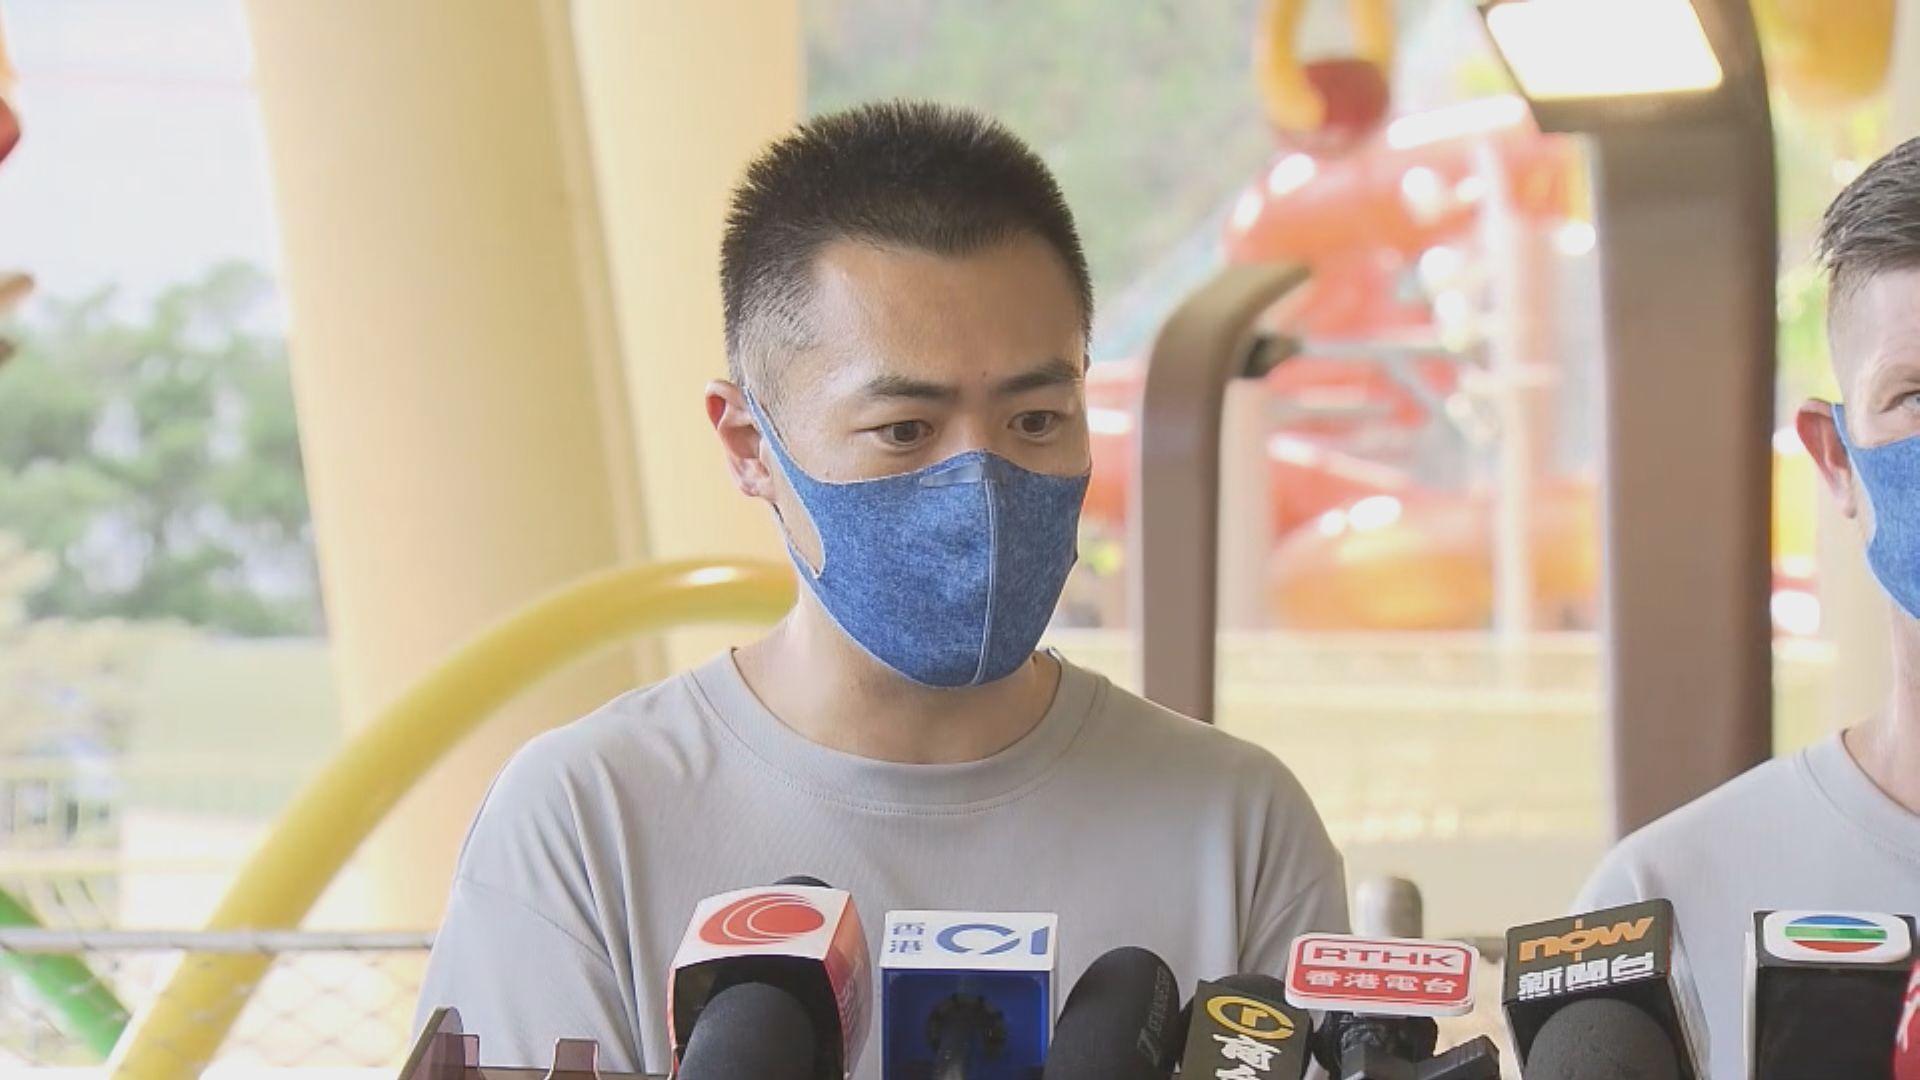 劉鳴煒:未有打算要求水上樂園員工接種疫苗